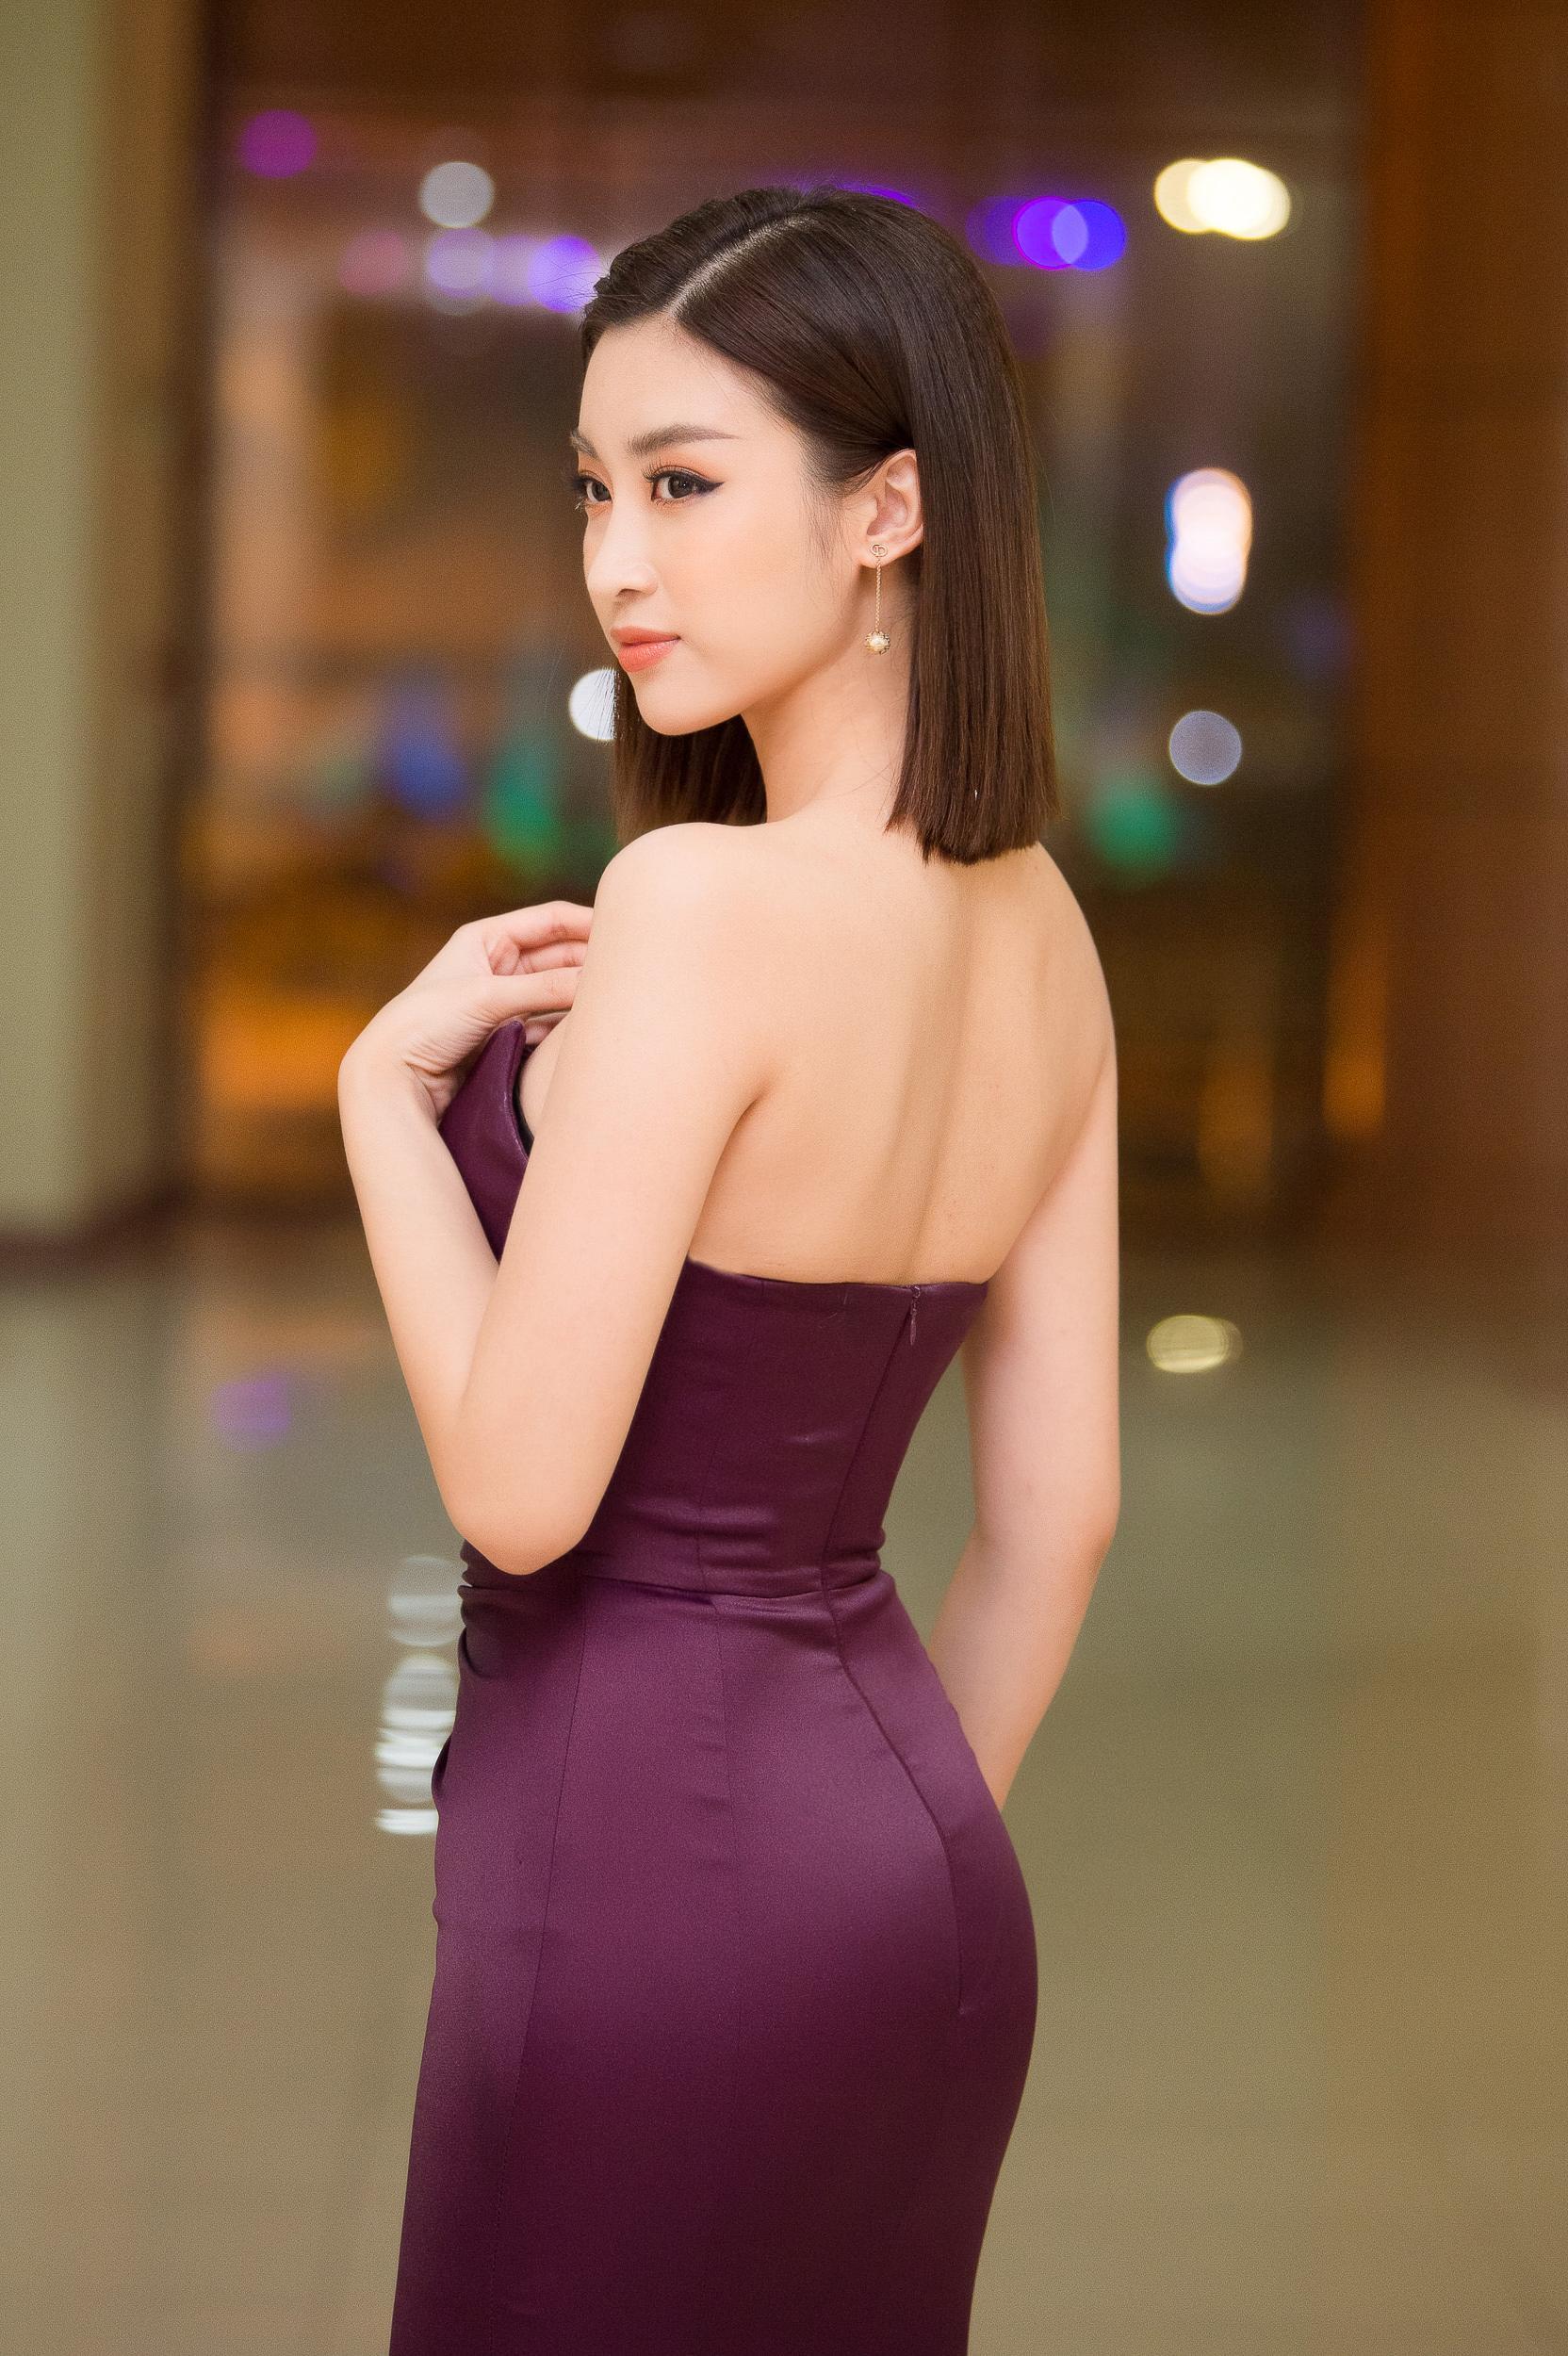 Hoa hậu Đỗ Mỹ Linh mê hoặc mọi ánh nhìn nhờ body như nữ thần và nhan sắc tinh khiết Ảnh 6